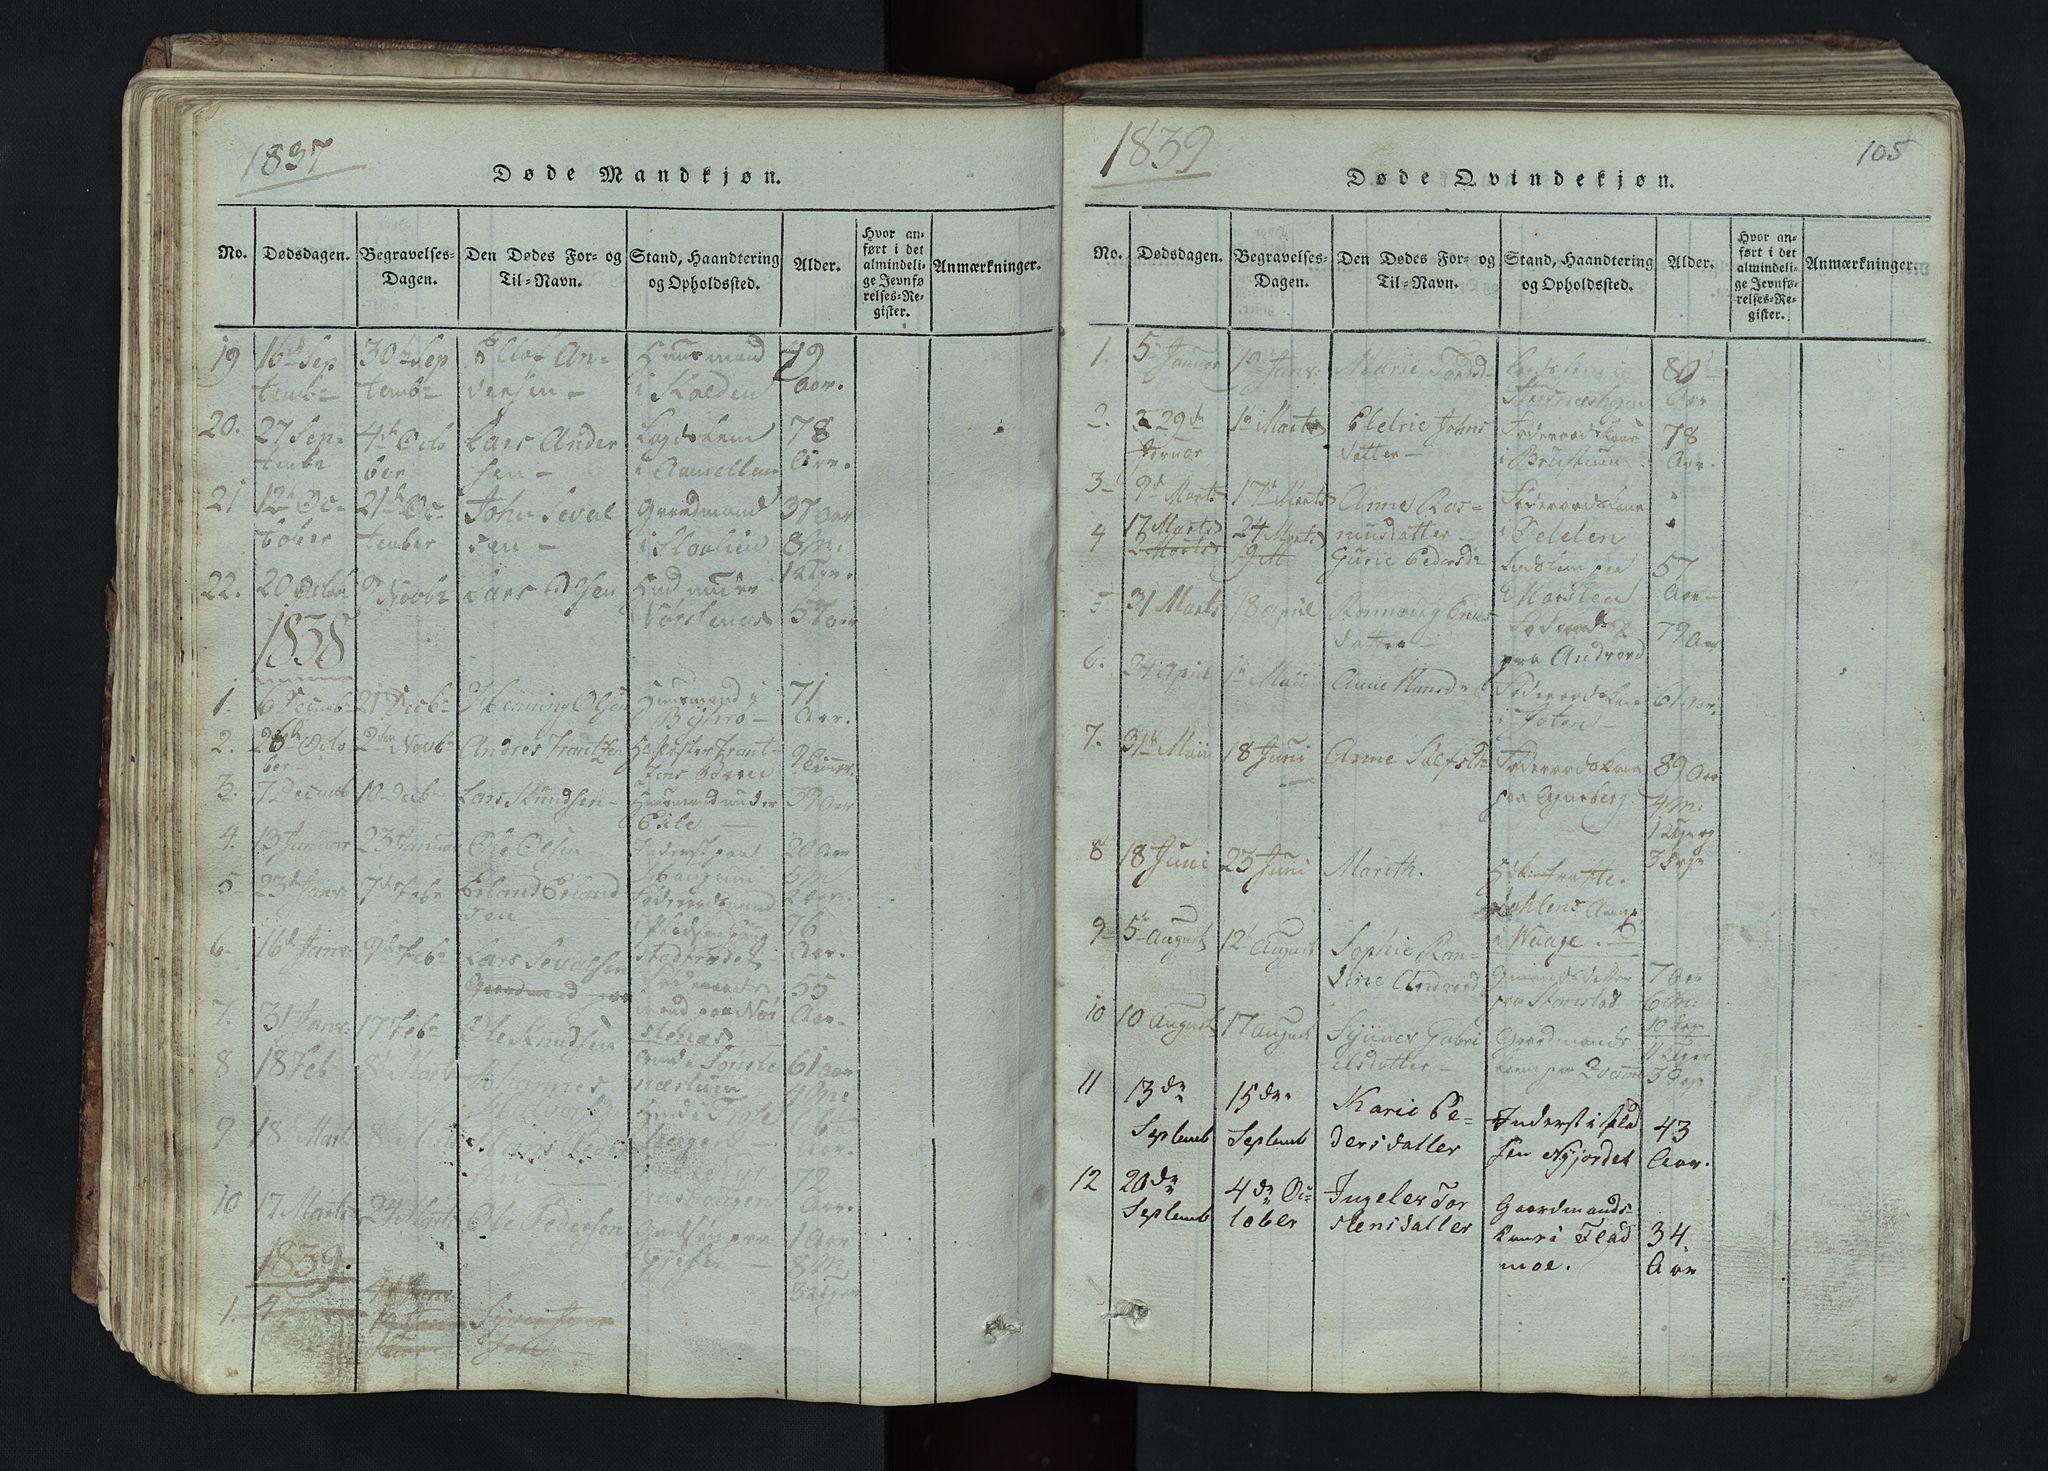 SAH, Lom prestekontor, L/L0002: Klokkerbok nr. 2, 1815-1844, s. 105